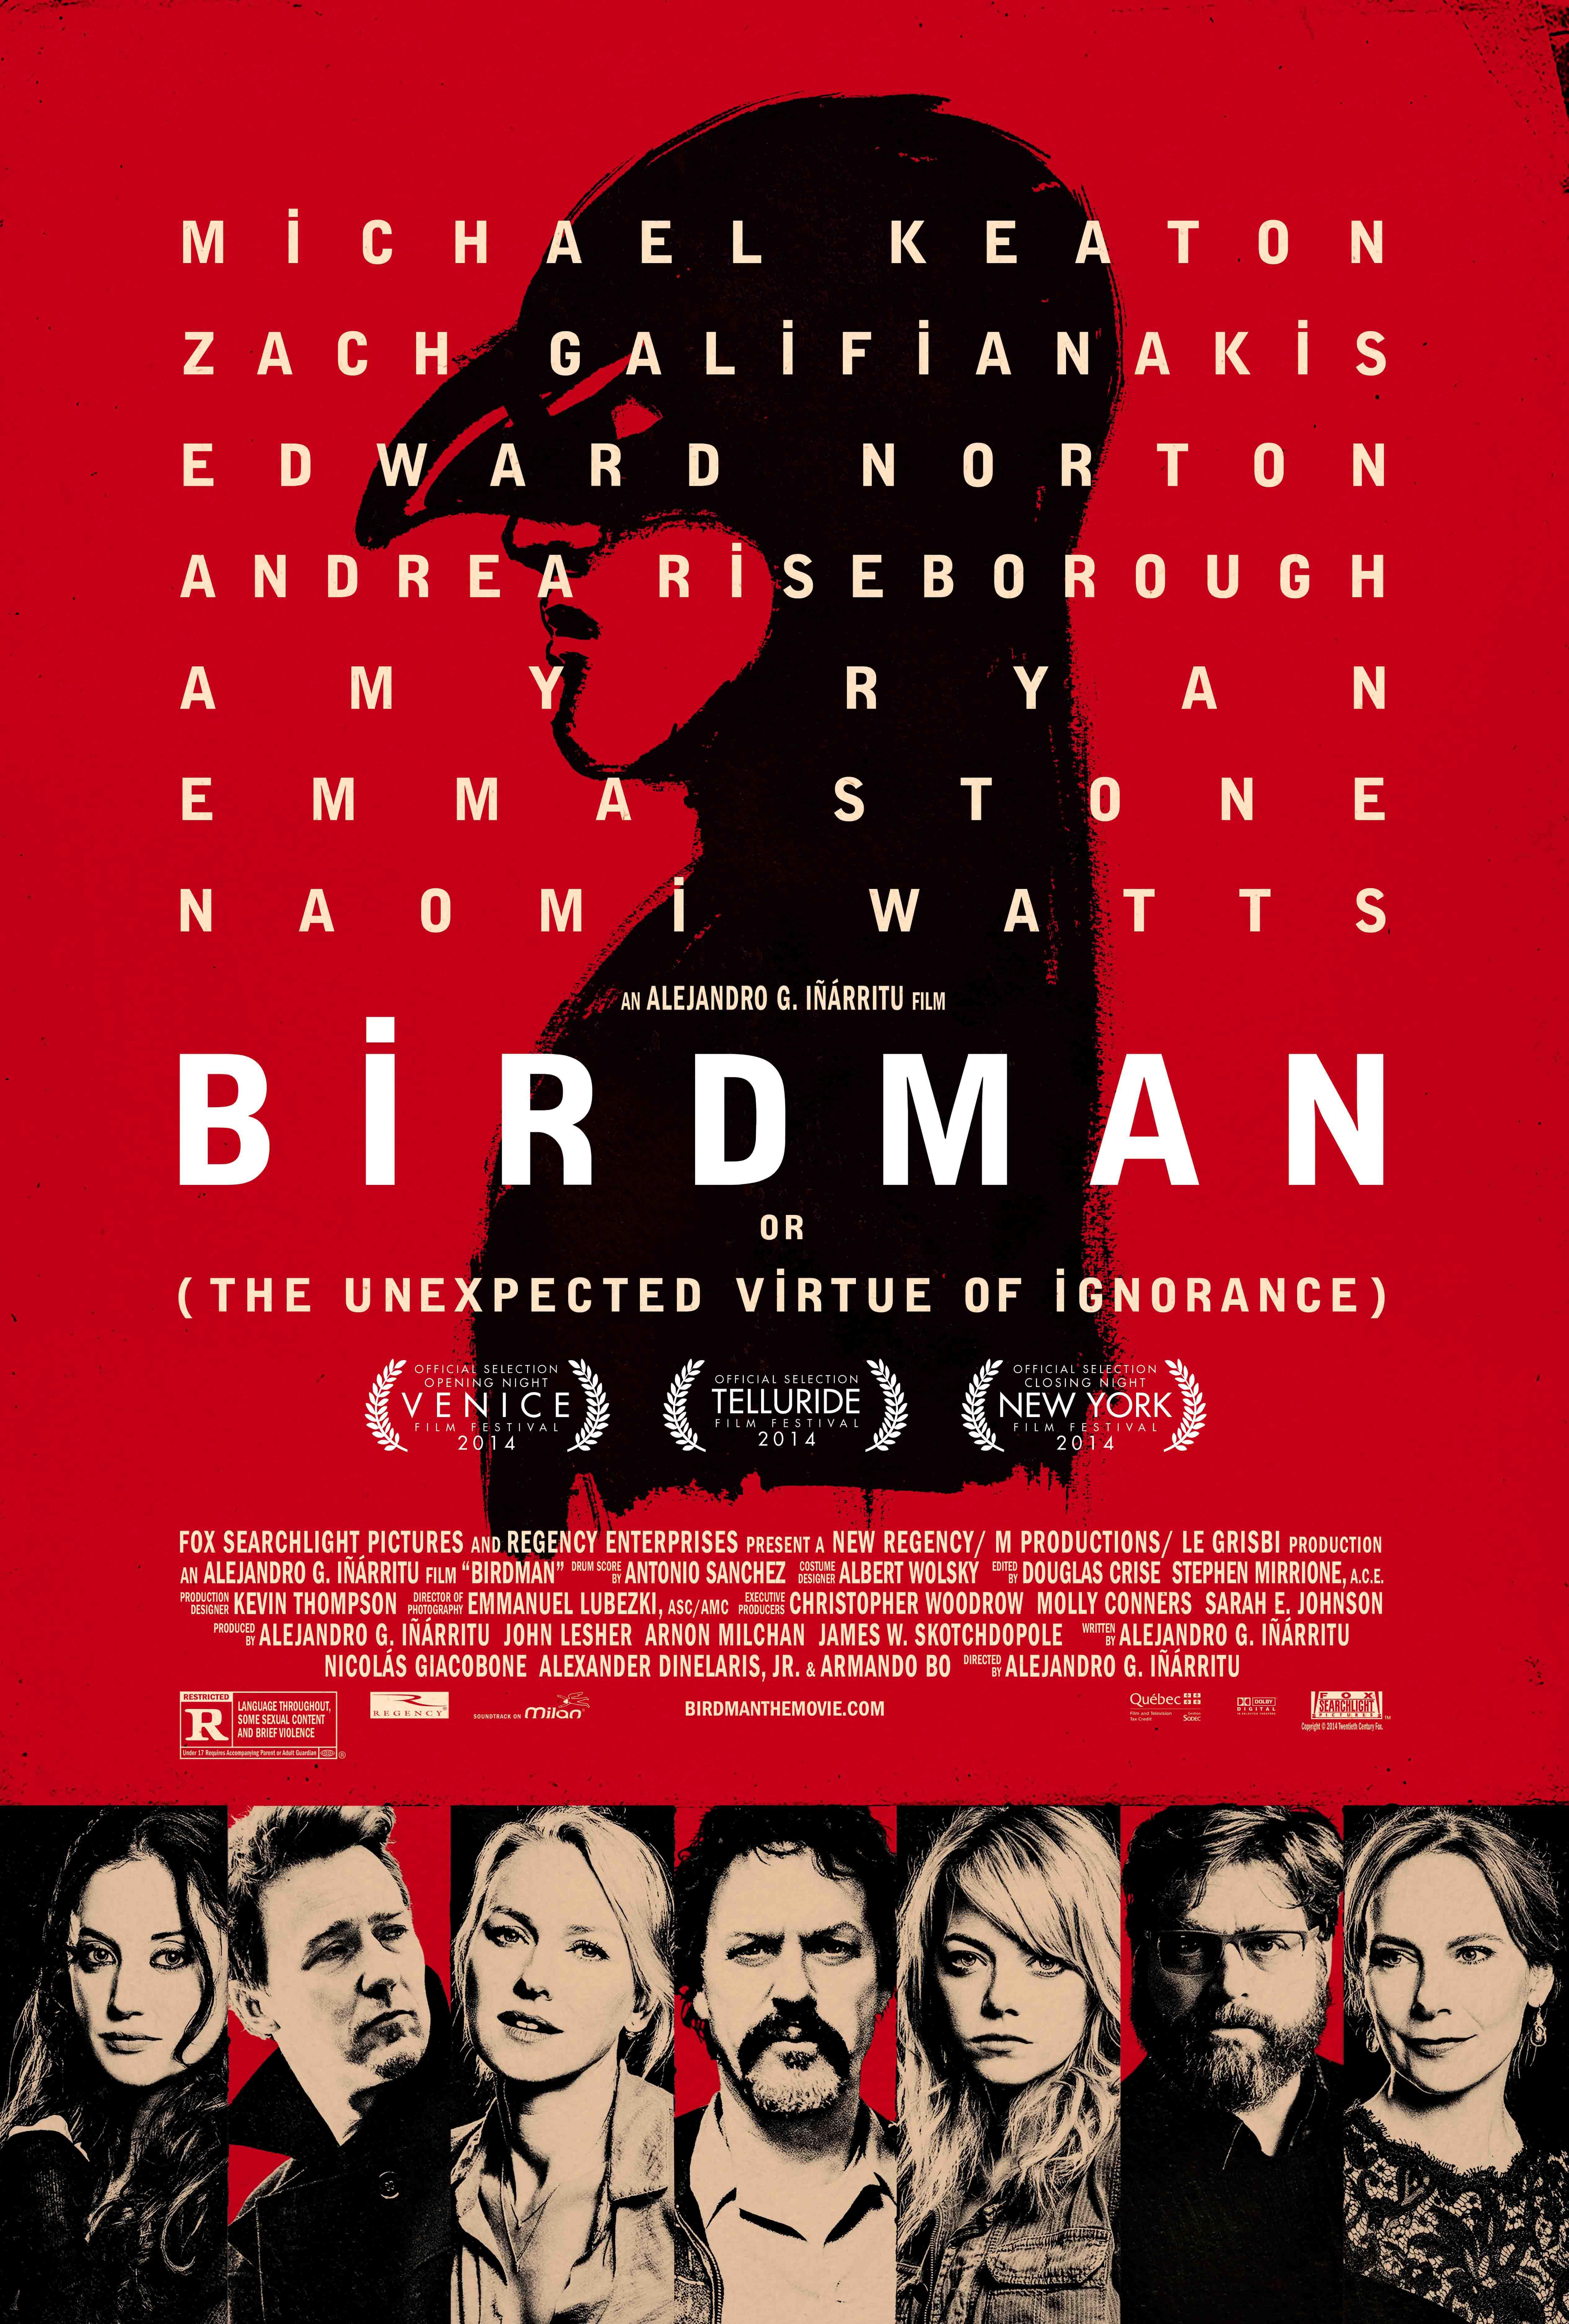 M2014003CIM 鸟人birdman_b267d2be.jpg